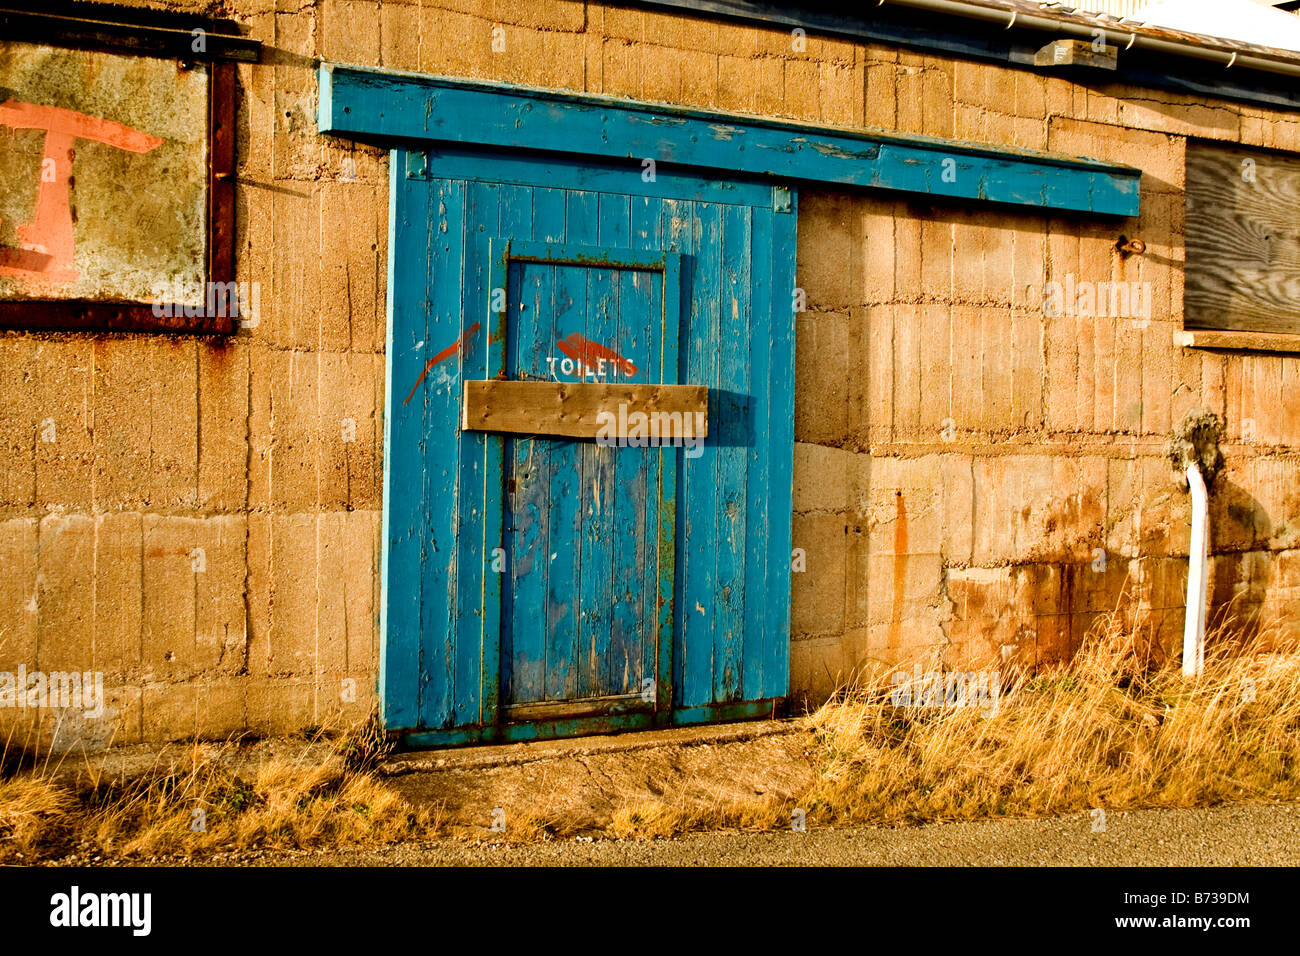 Old block toilet with blue wooden door and wooden bar across the door in Buckie, Scotland - Stock Image